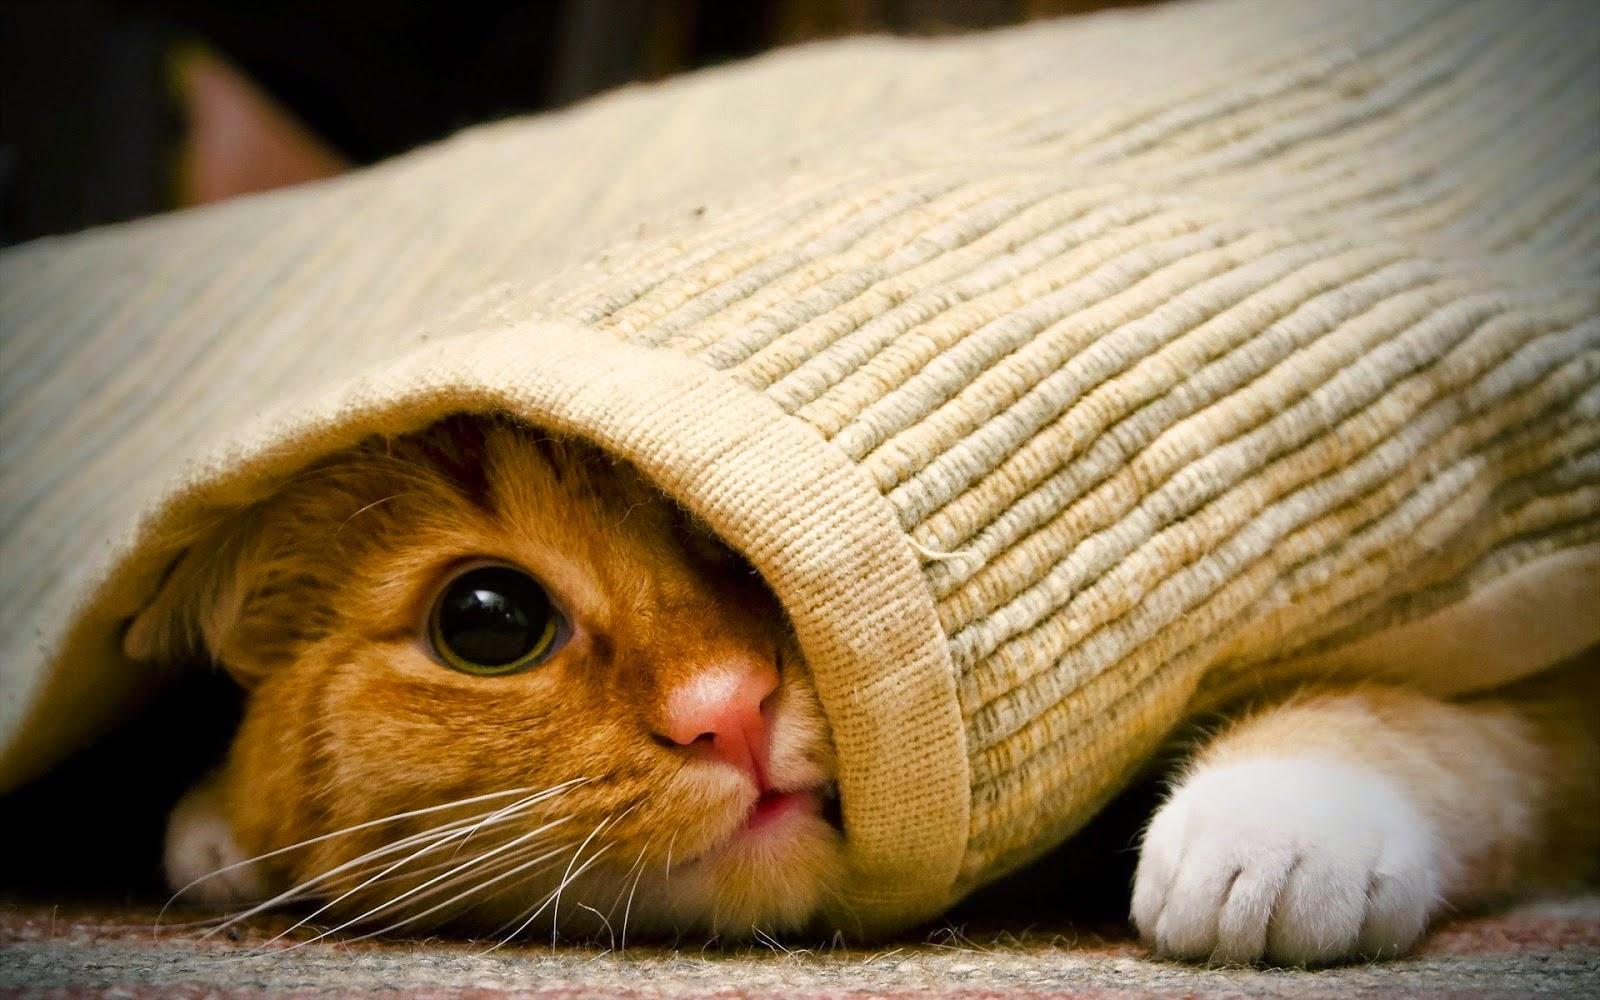 Hãy ngắm nhìn vẻ đẹp những chú mèo con chơi đùa kute dễ thương nhé. Cũng đừng quên lưu lại những hình ảnh mèo con dễ thương dưới đây cho máy tính của bạn ...